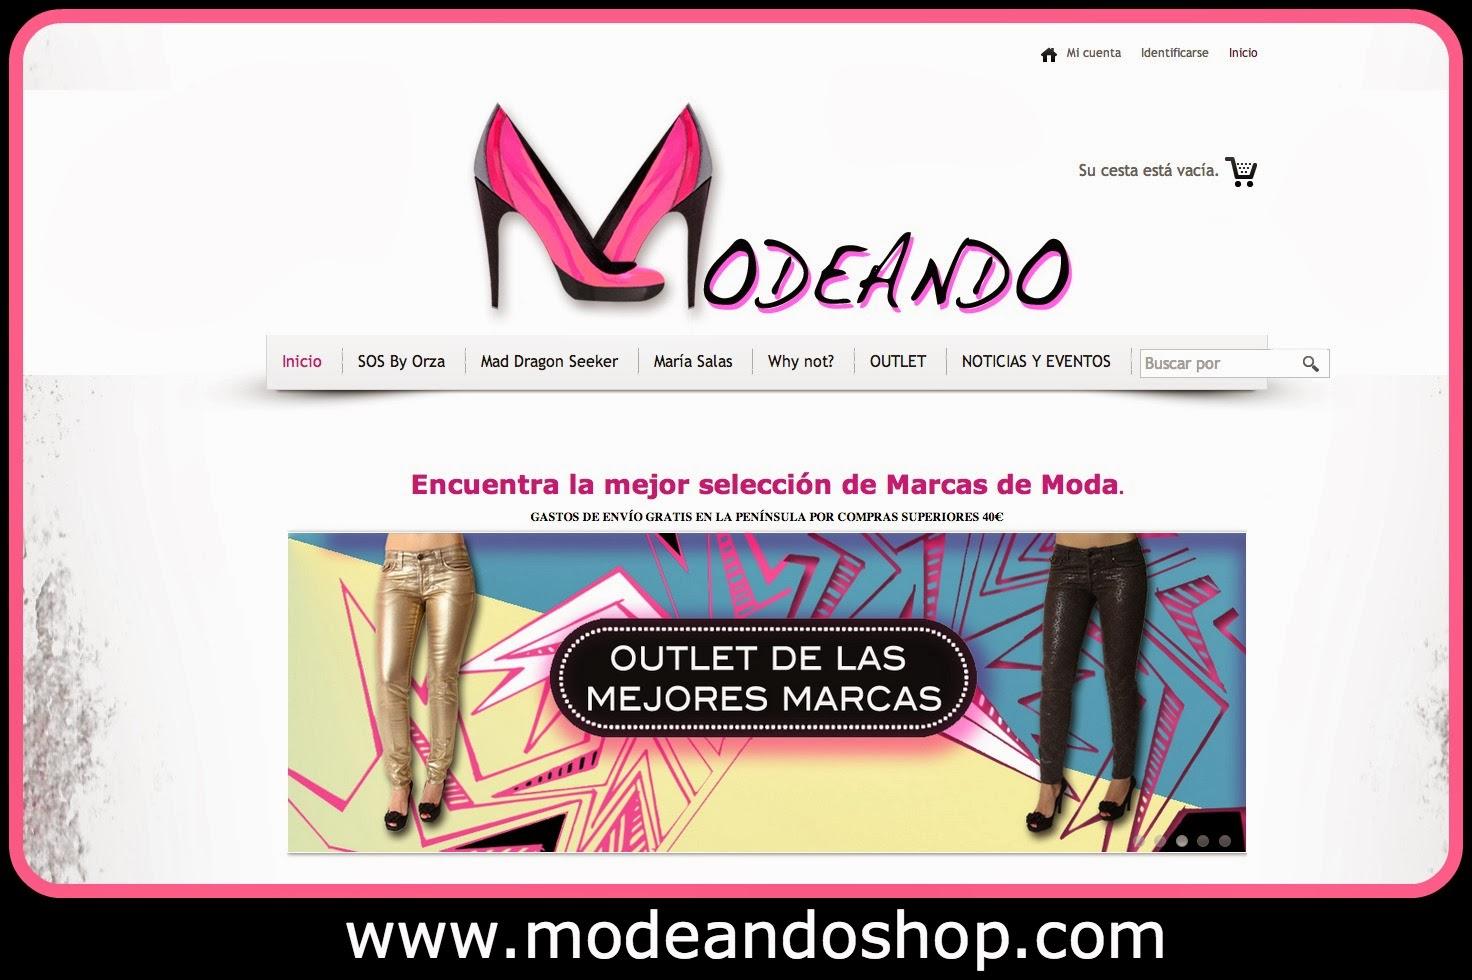 Tienda online de marcas internacionales. SOS by Orza, Mad dragon Seeker, Maria Salas